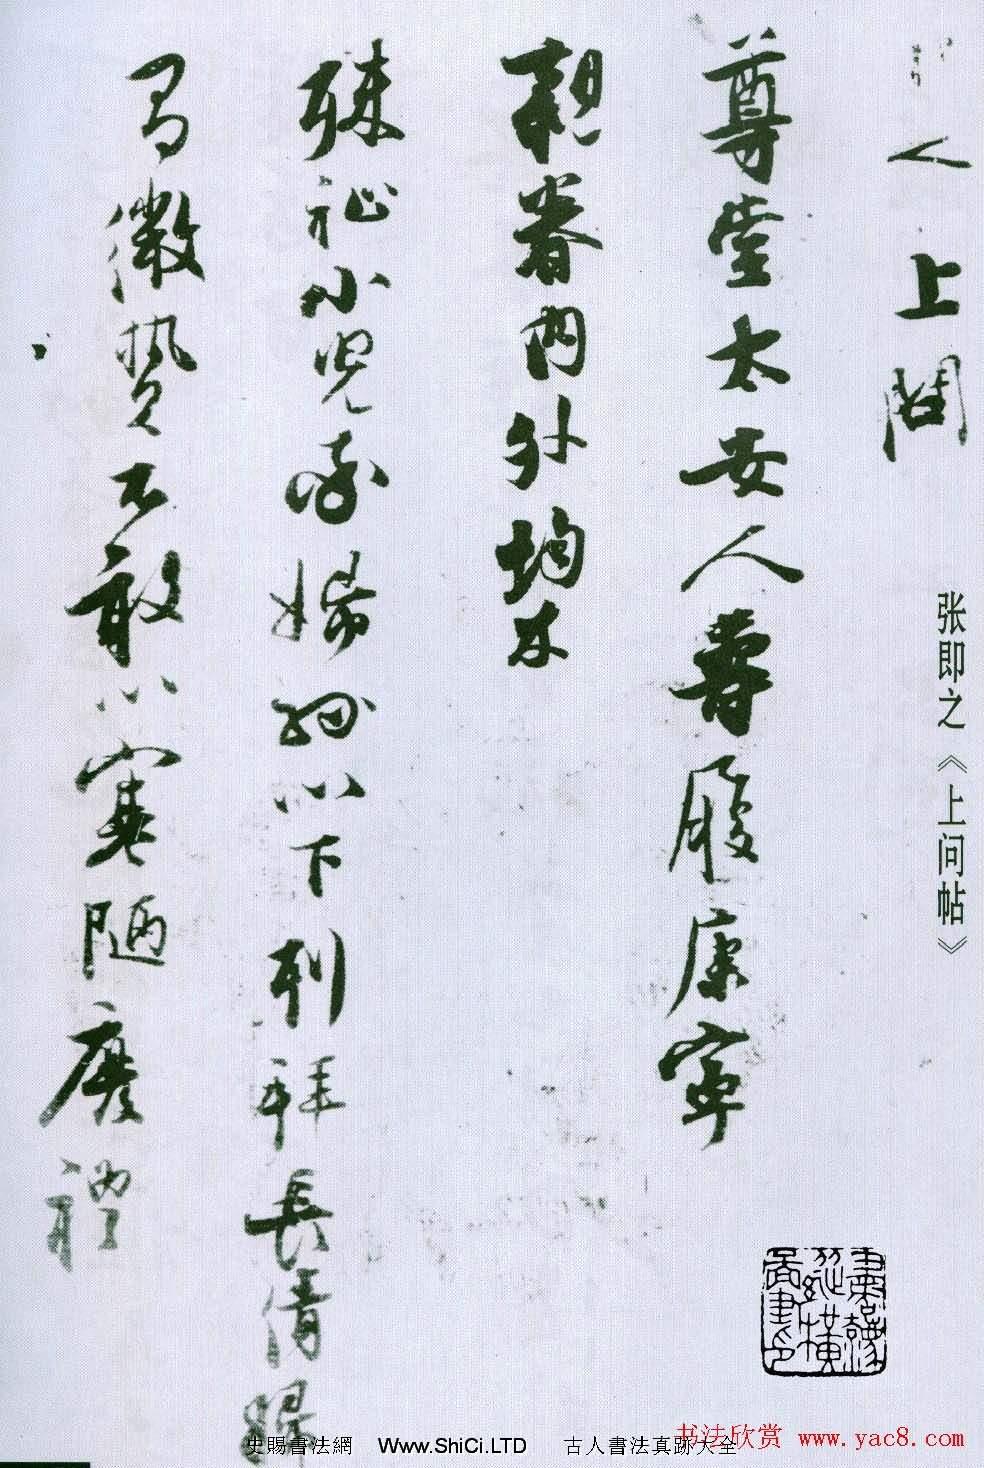 張即之行書書法墨跡字帖《上問帖》(共2張圖片)